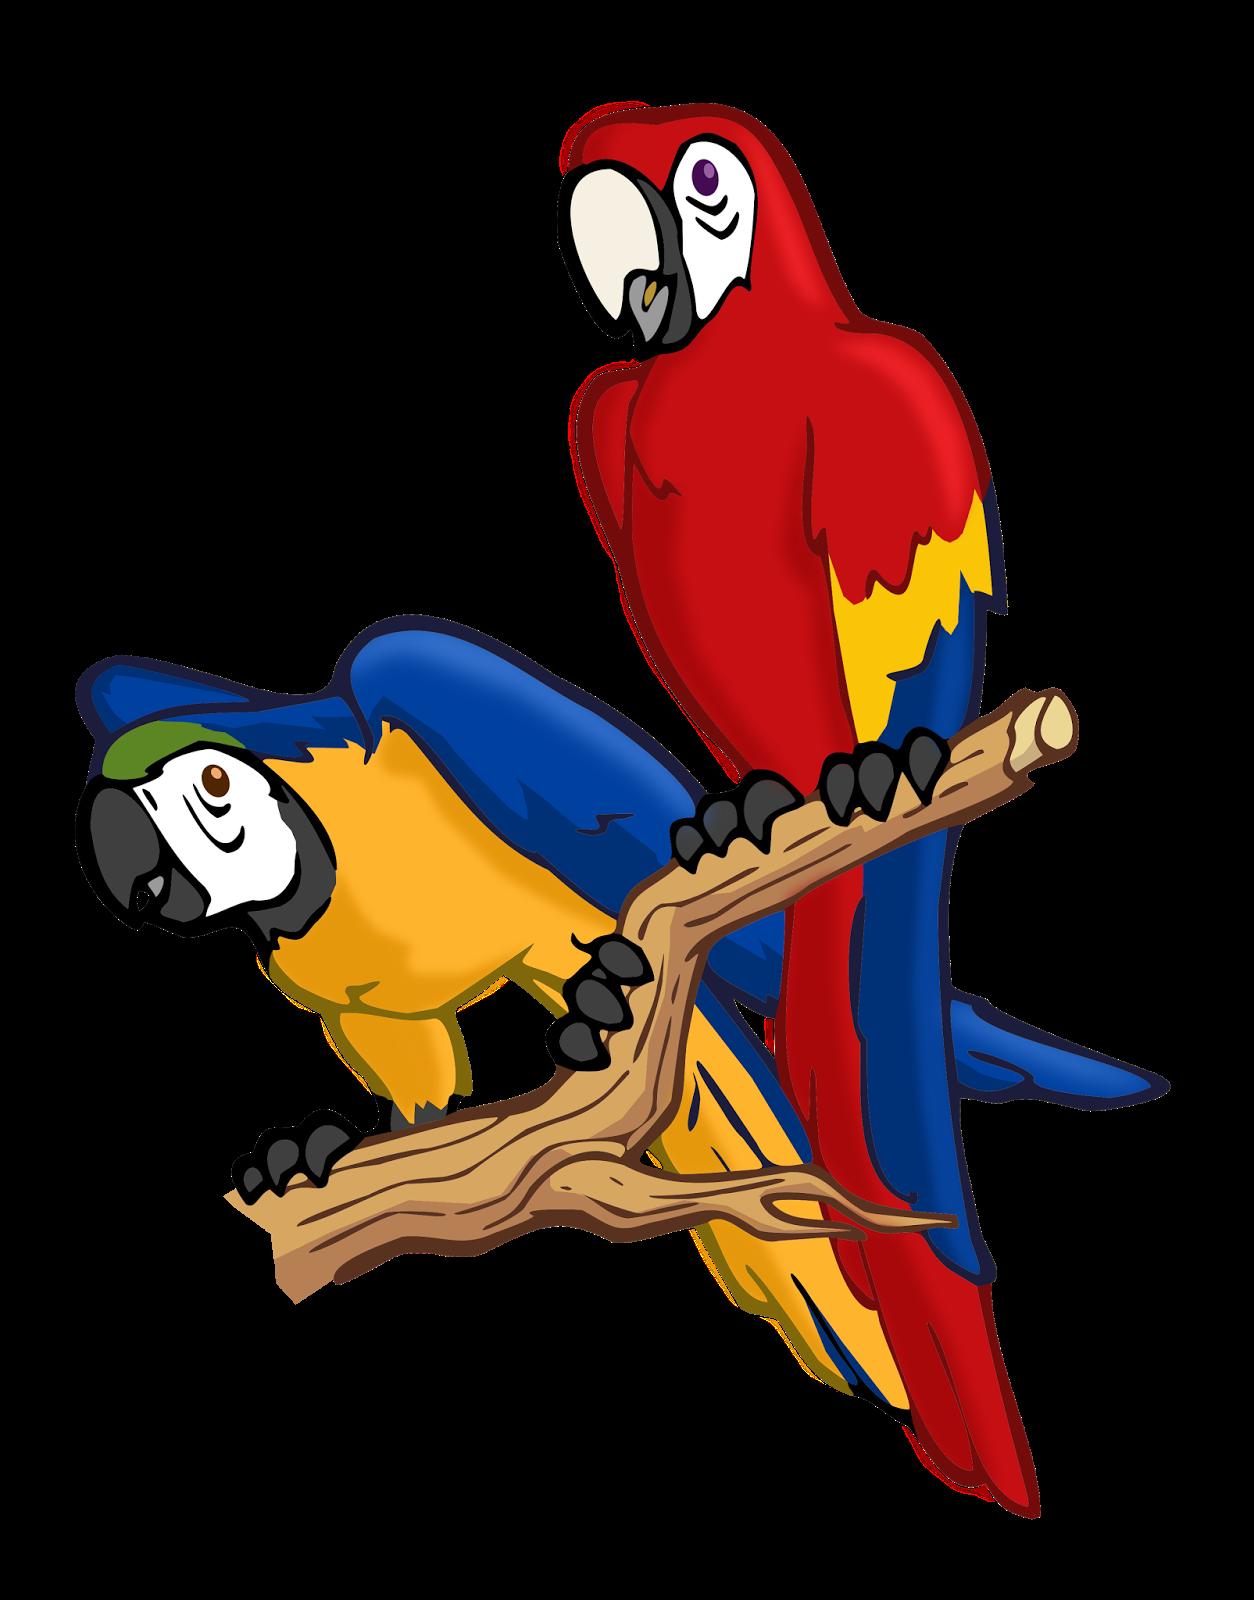 Animasi Kartun Lovebird Gambar Kartun